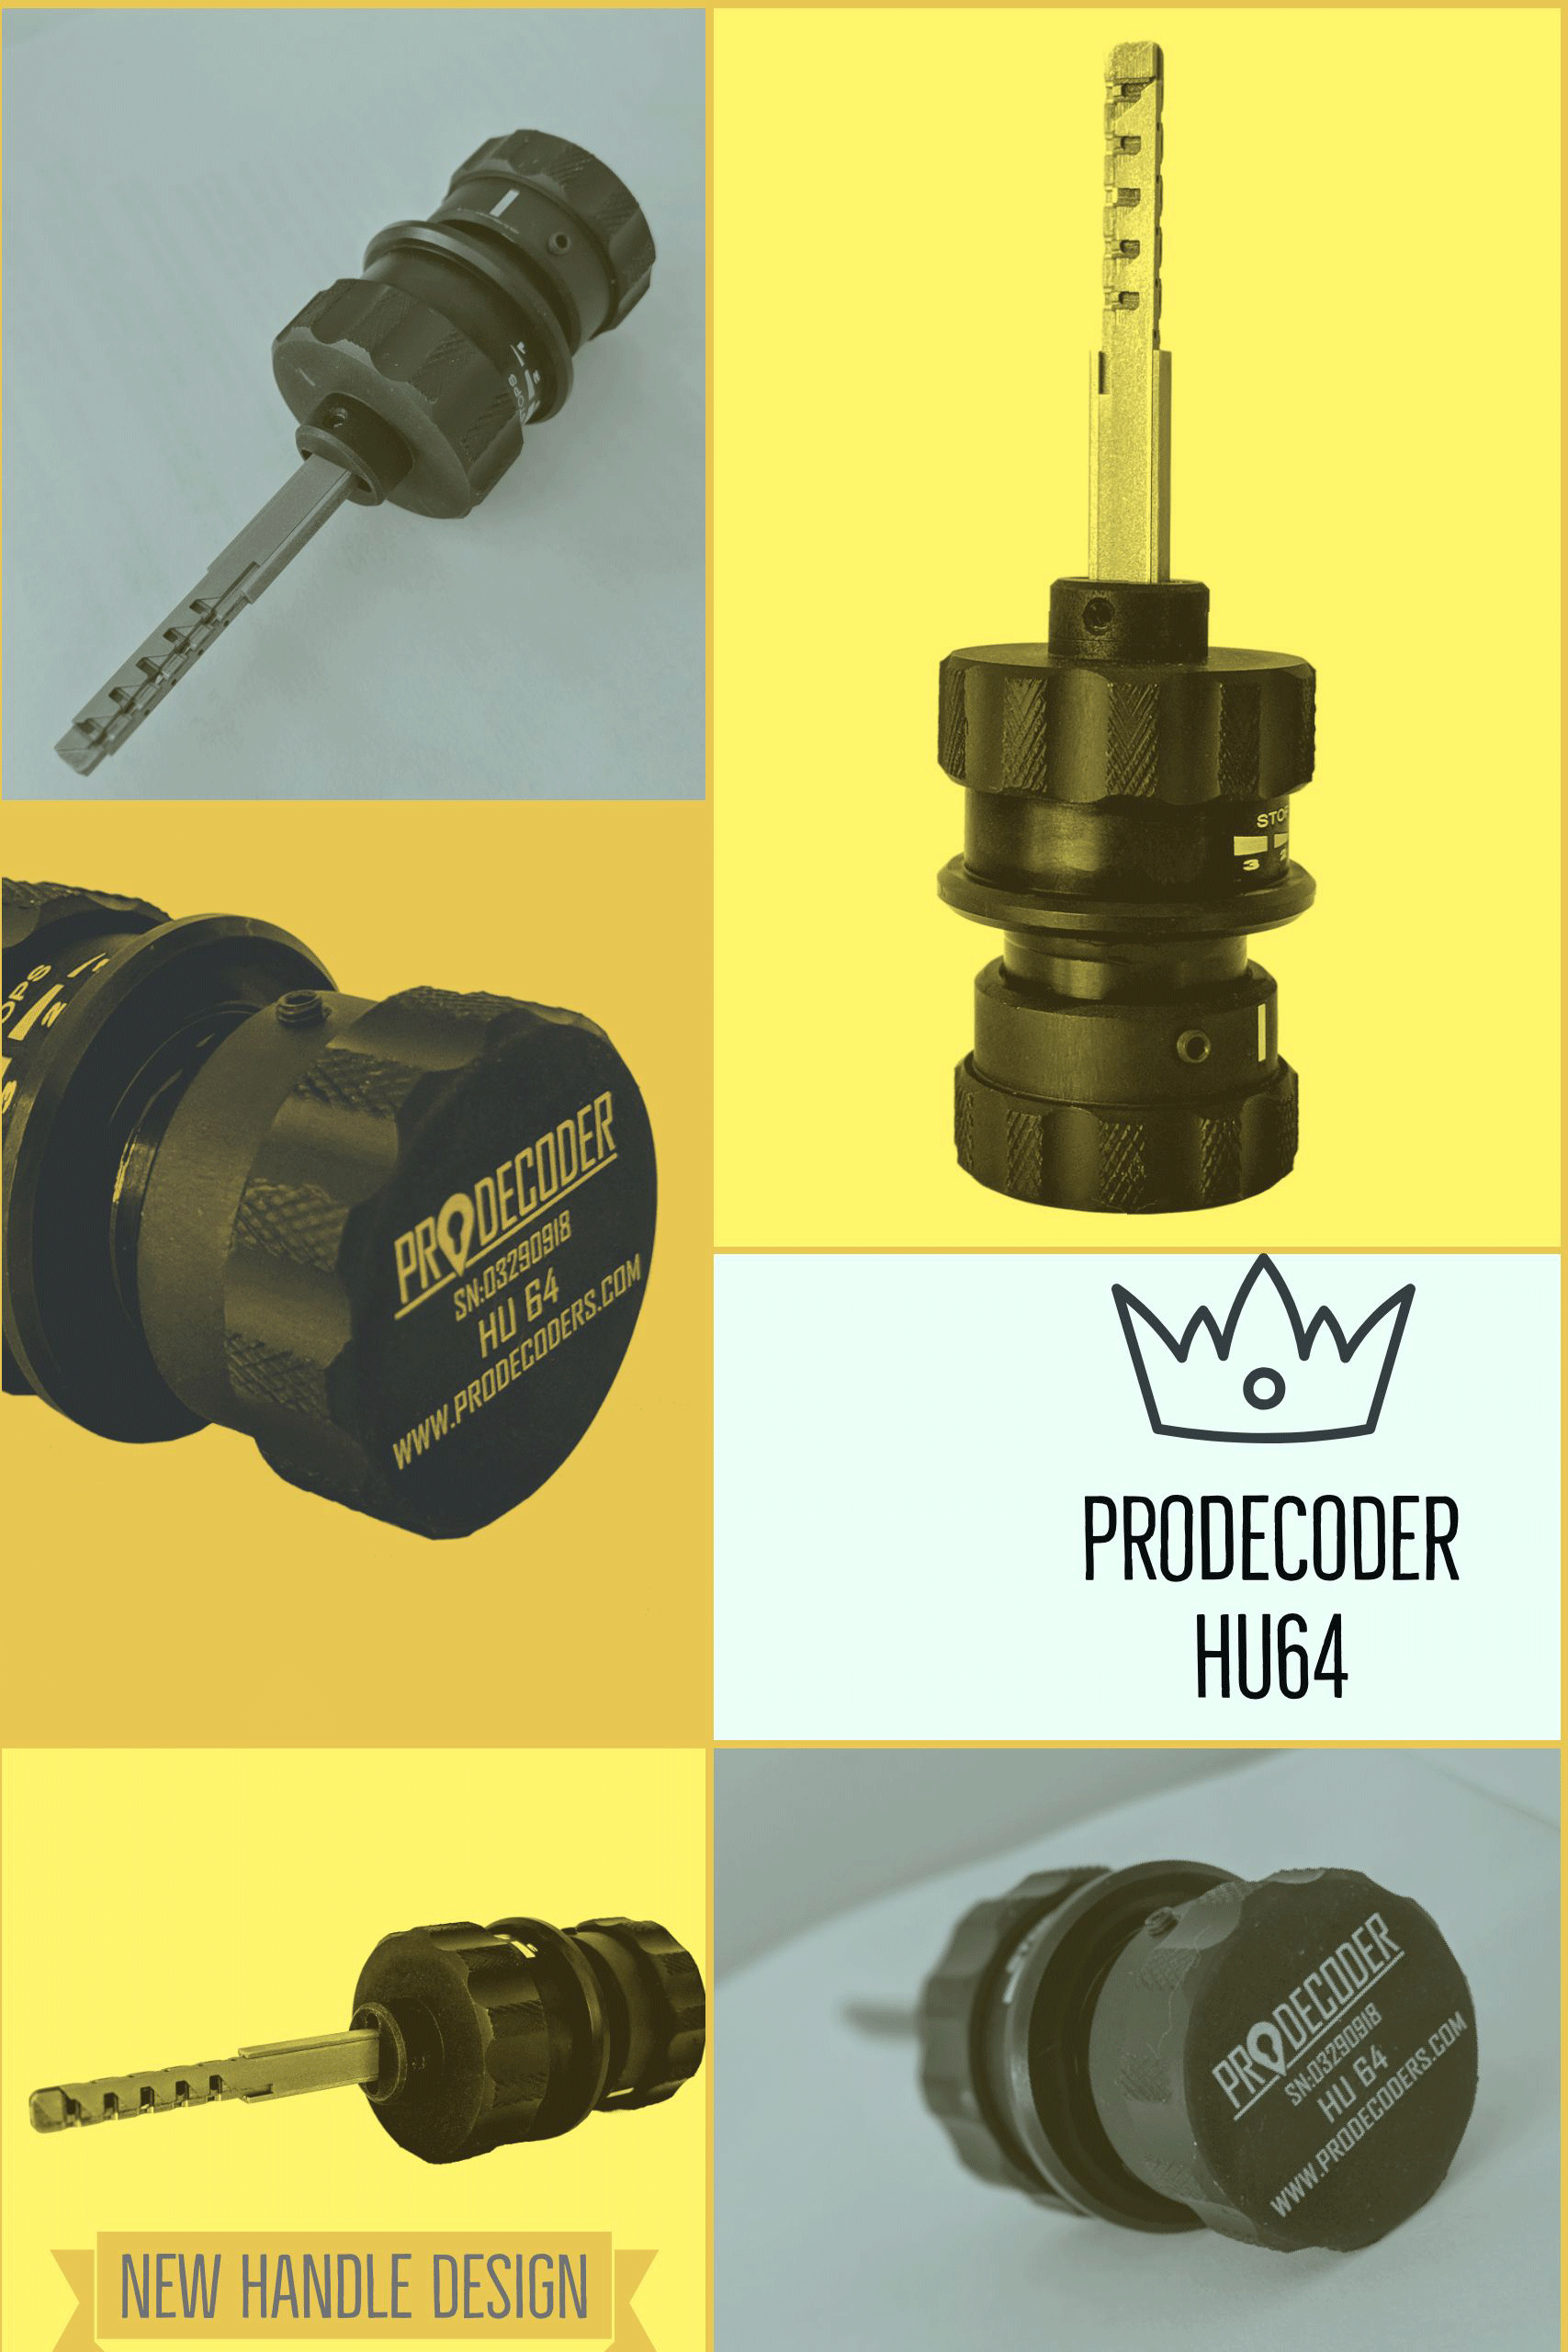 Prodecoder Mercedes HU64